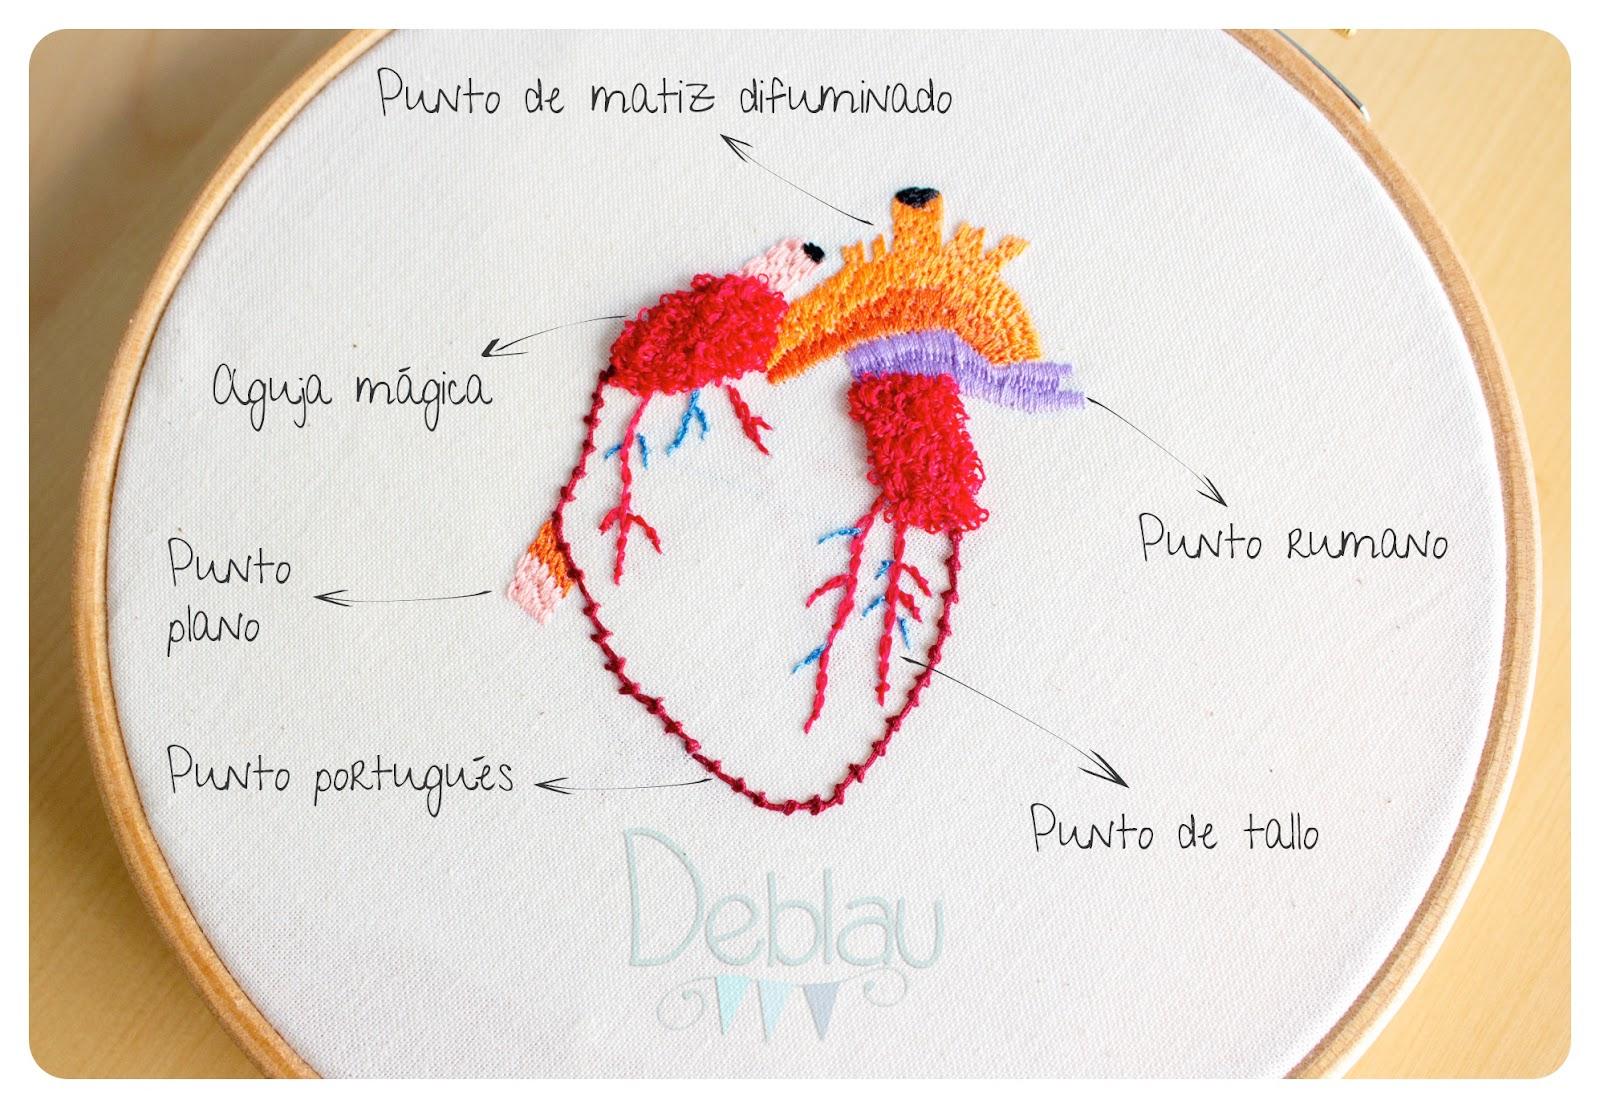 Deblau: Bordando un corazón y el Manual Práctico del Bordado